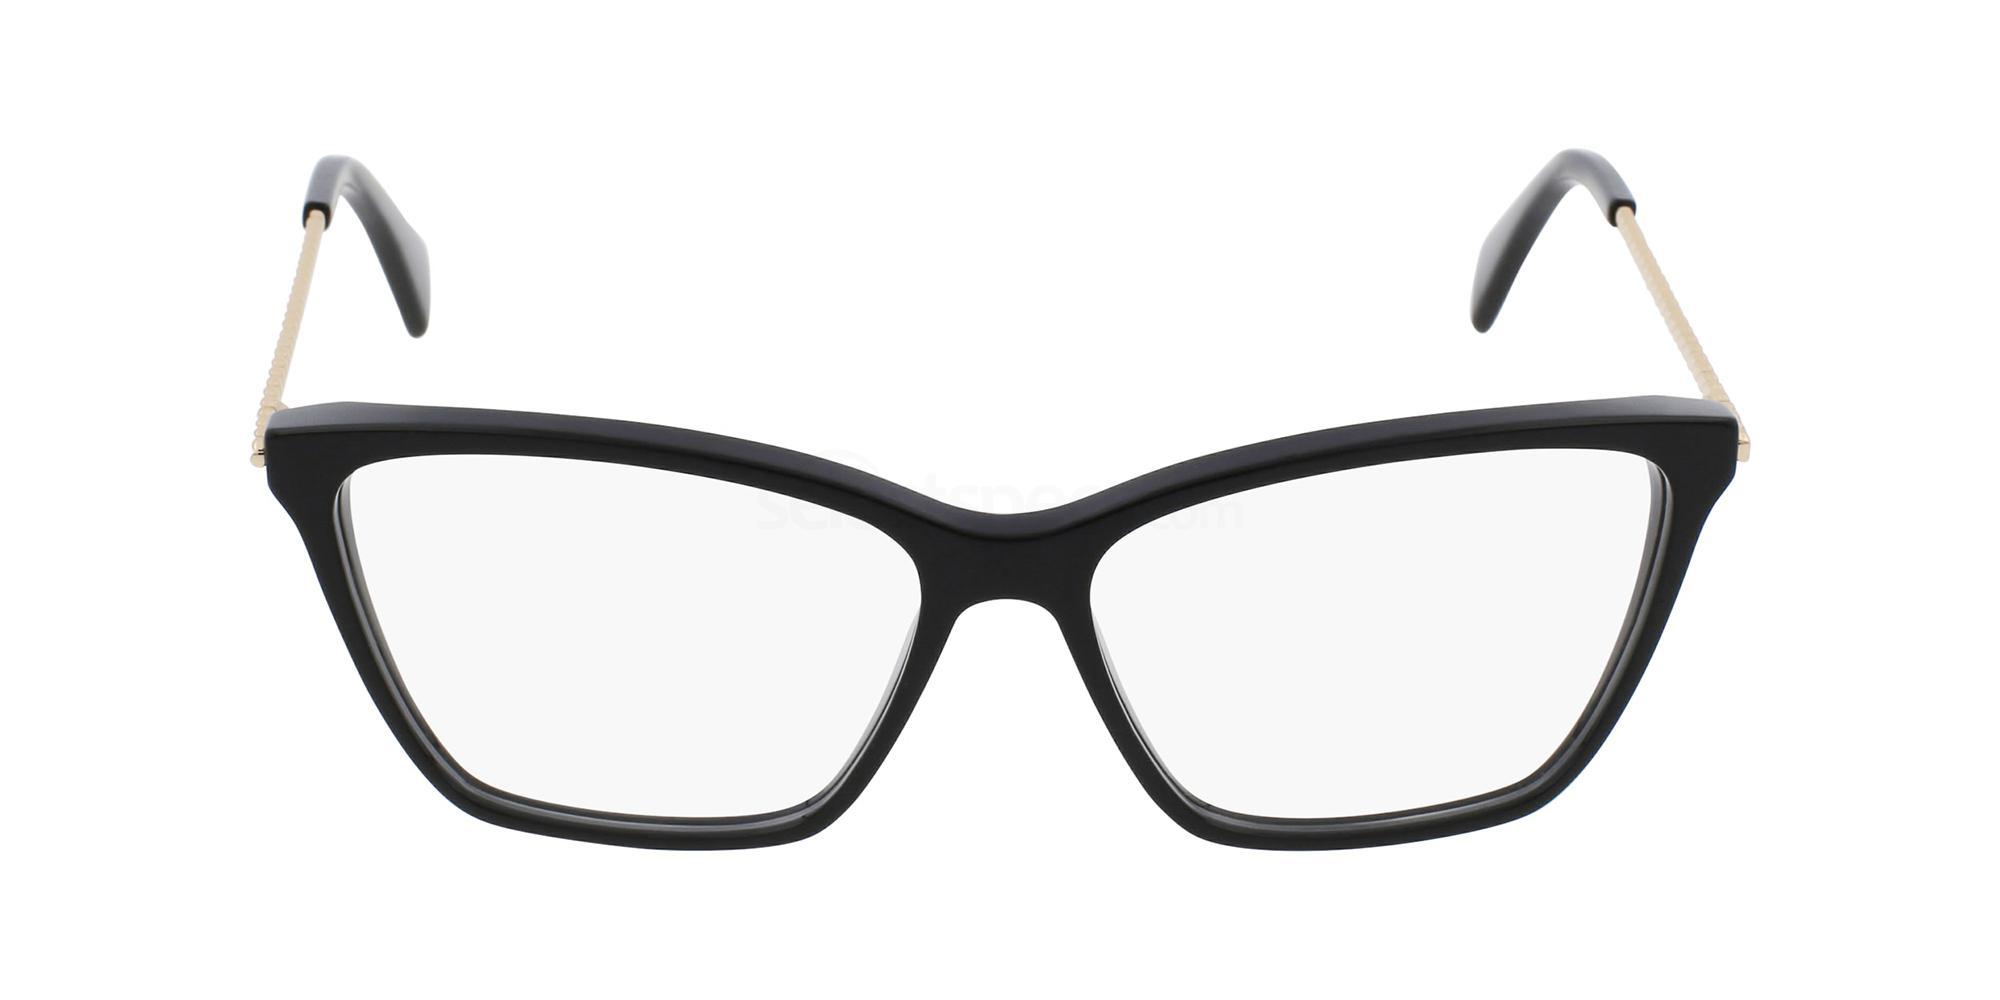 001 LNV2605 Glasses, Lanvin Paris